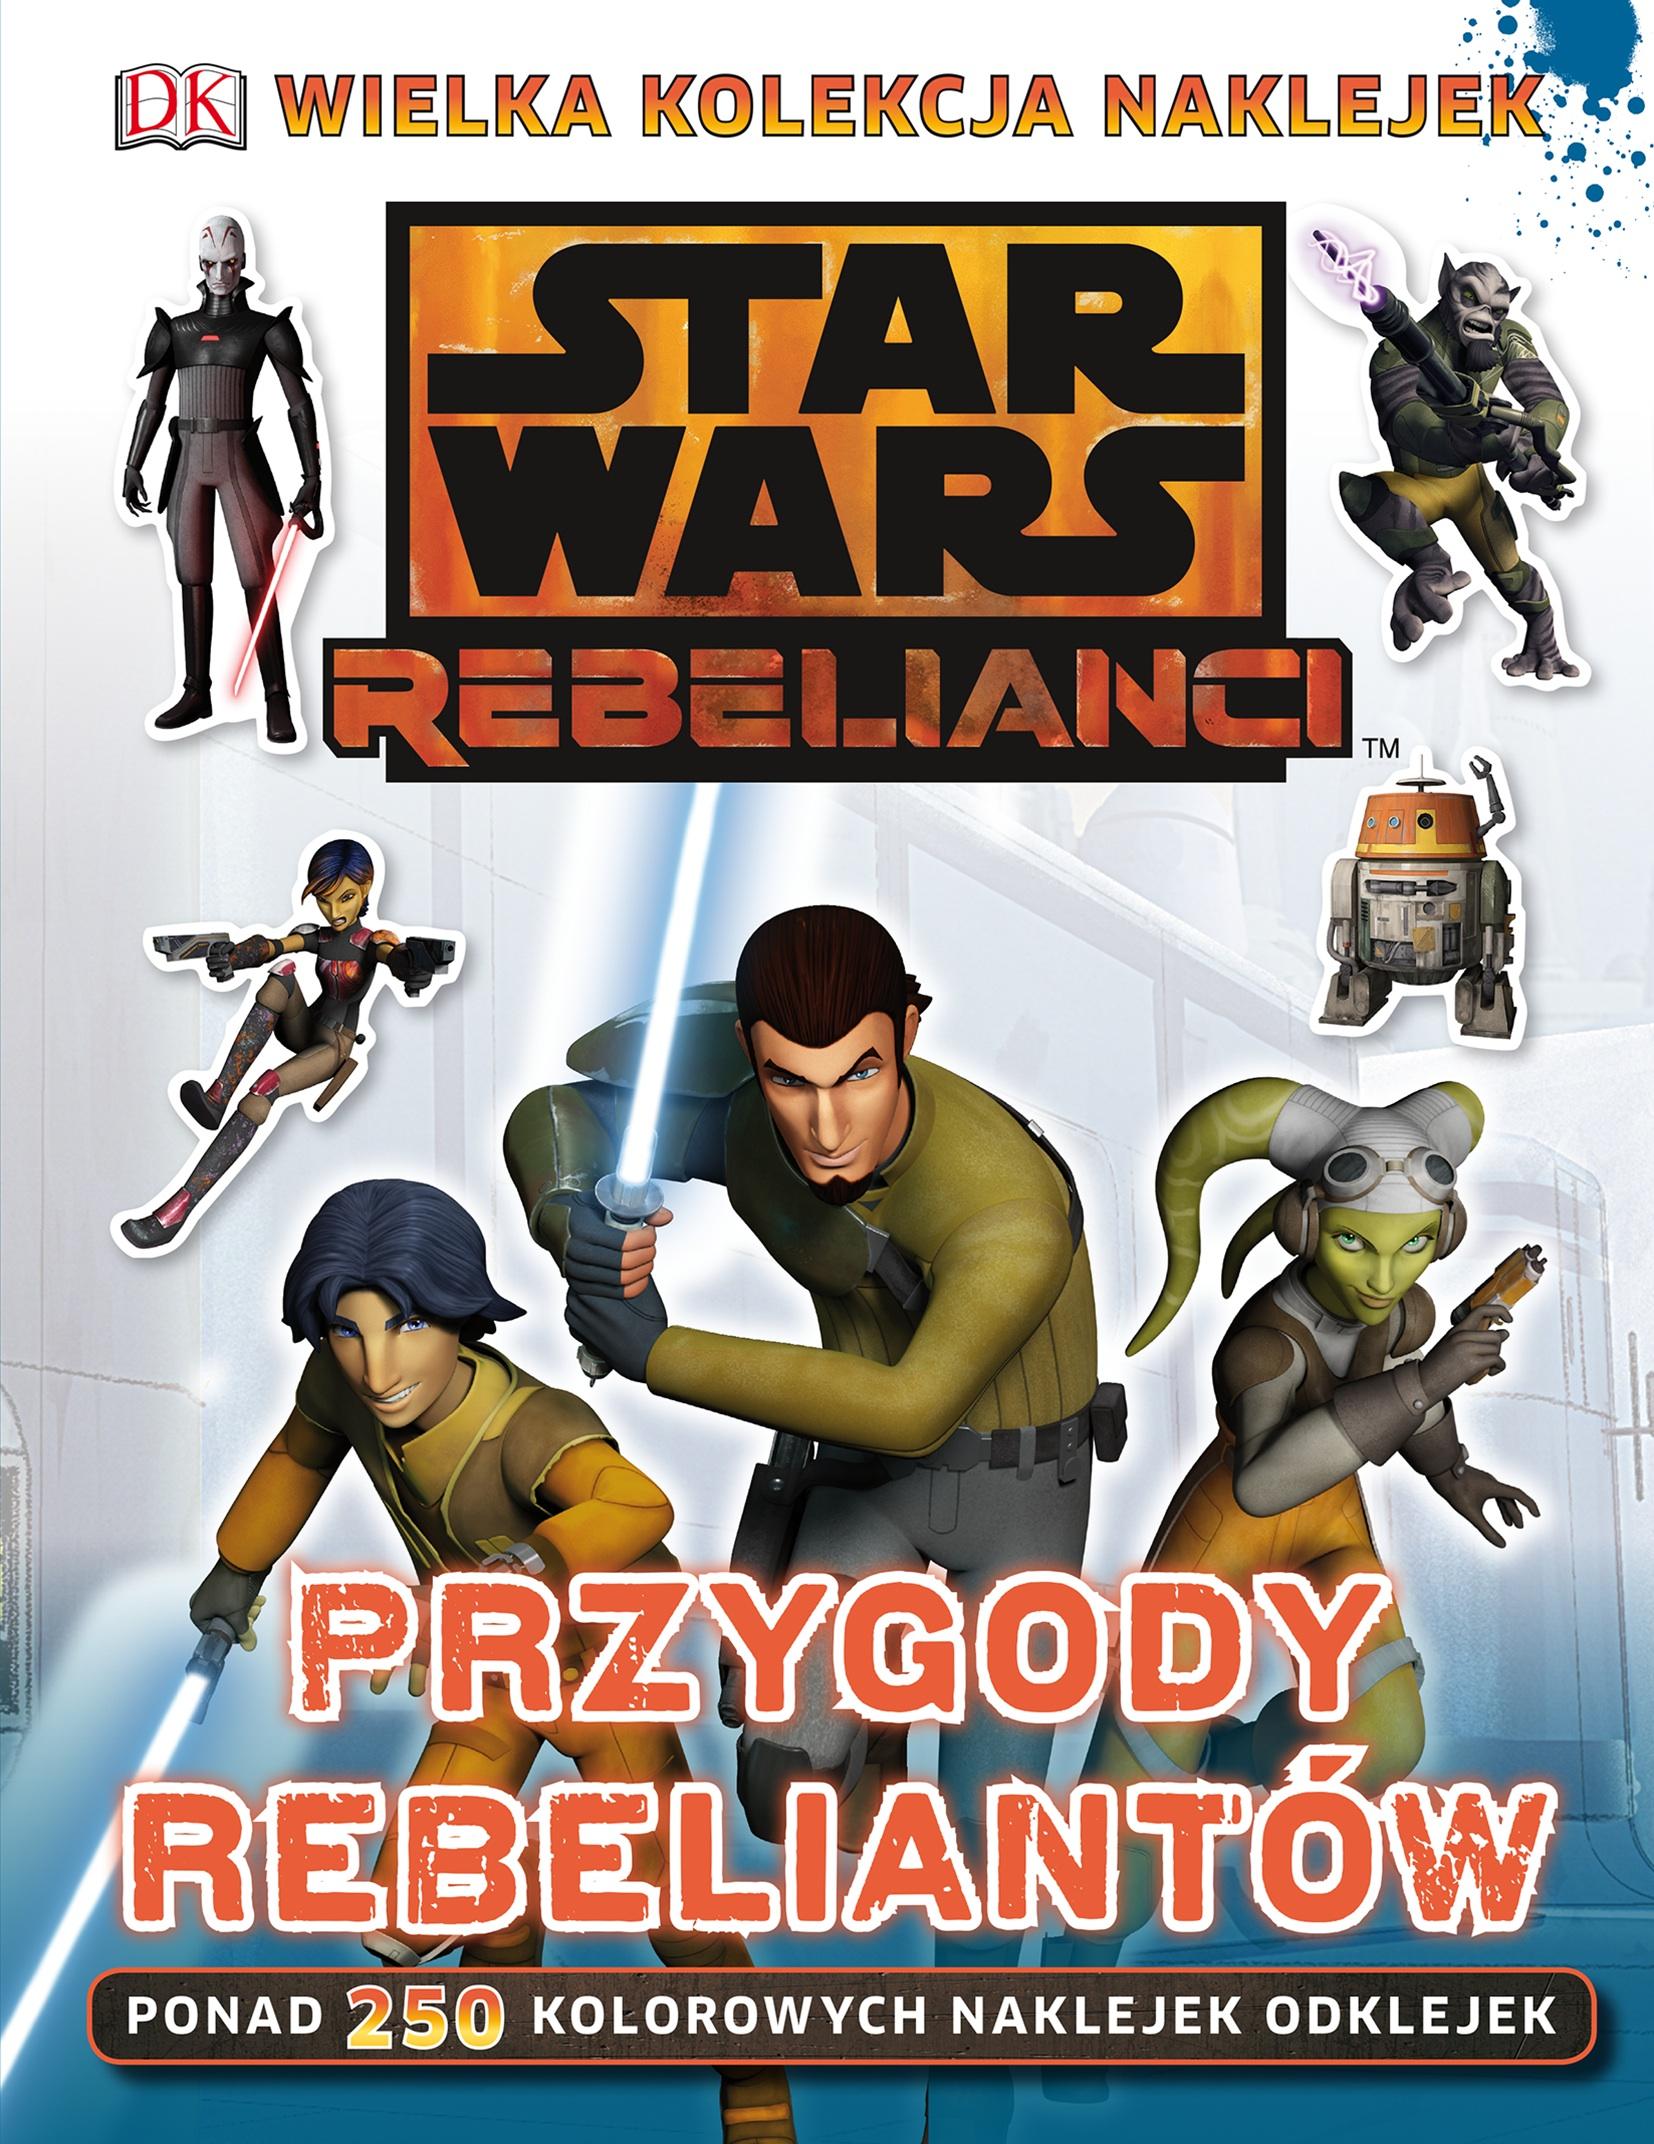 Star Wars Rebelianci. Przygody rebeliantów